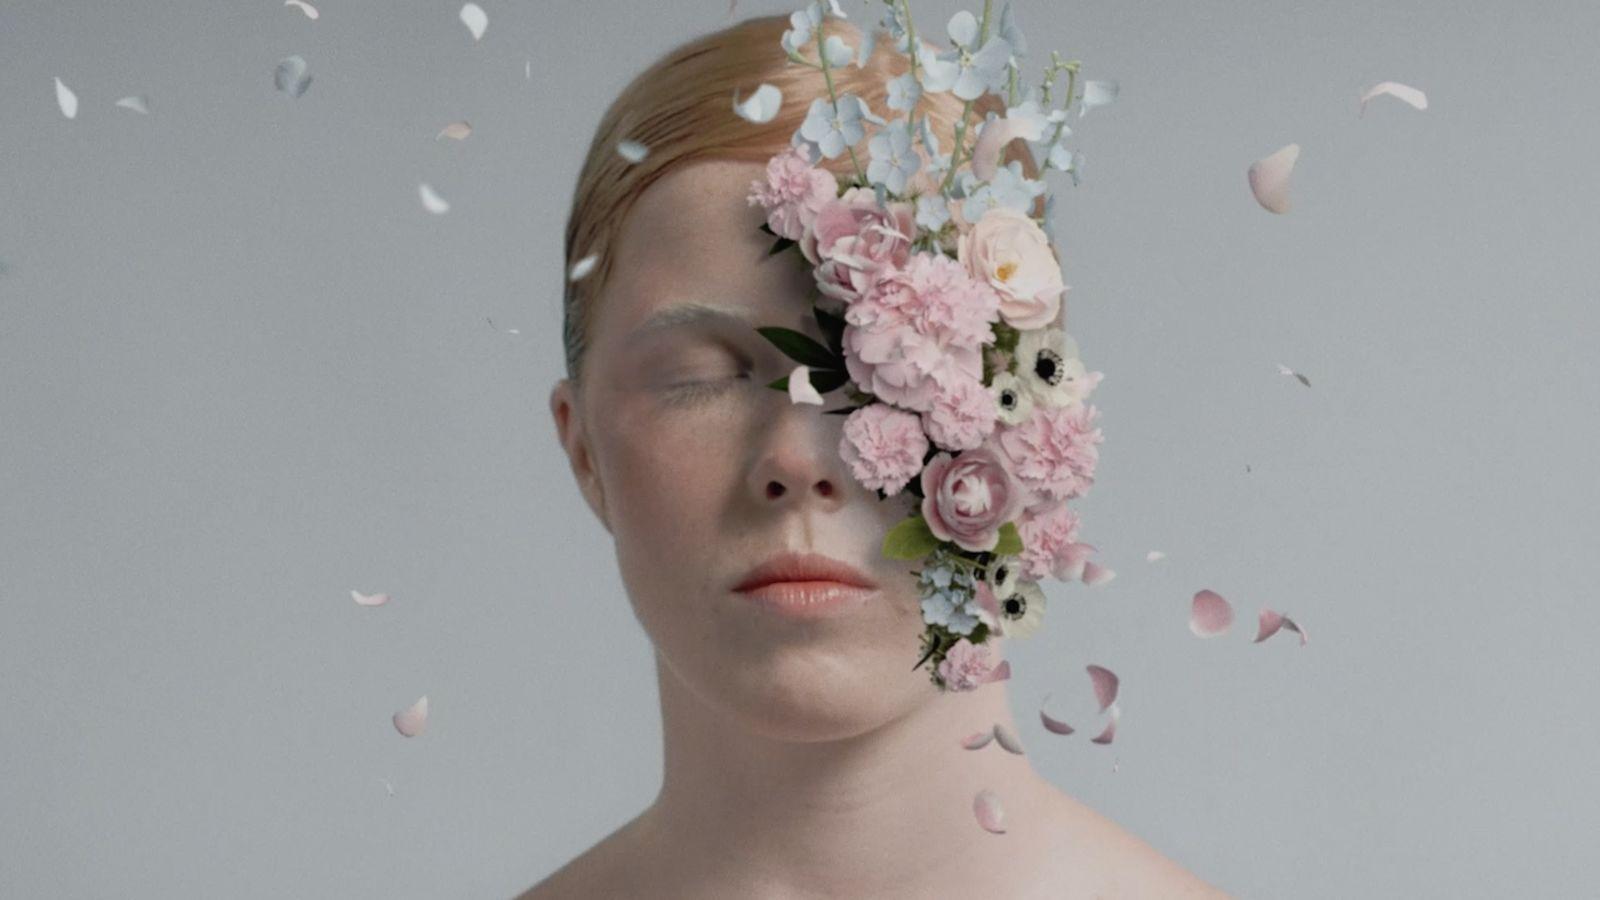 BLOOM, un bello fashion film ante los tiempos difíciles